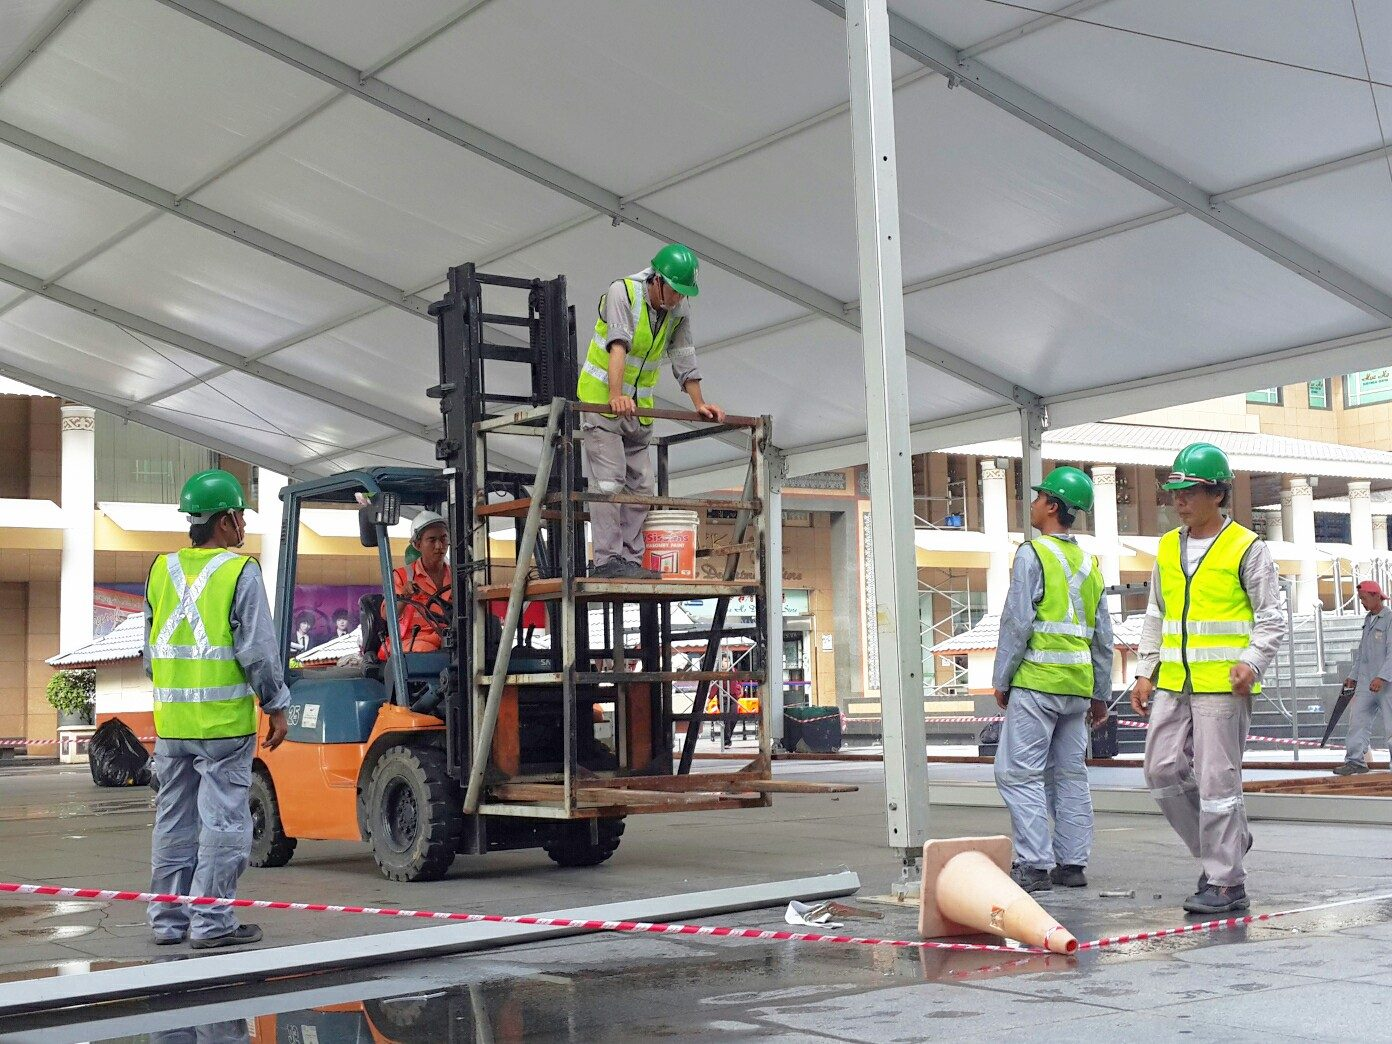 ブルネイで働く出稼ぎ労働者たち